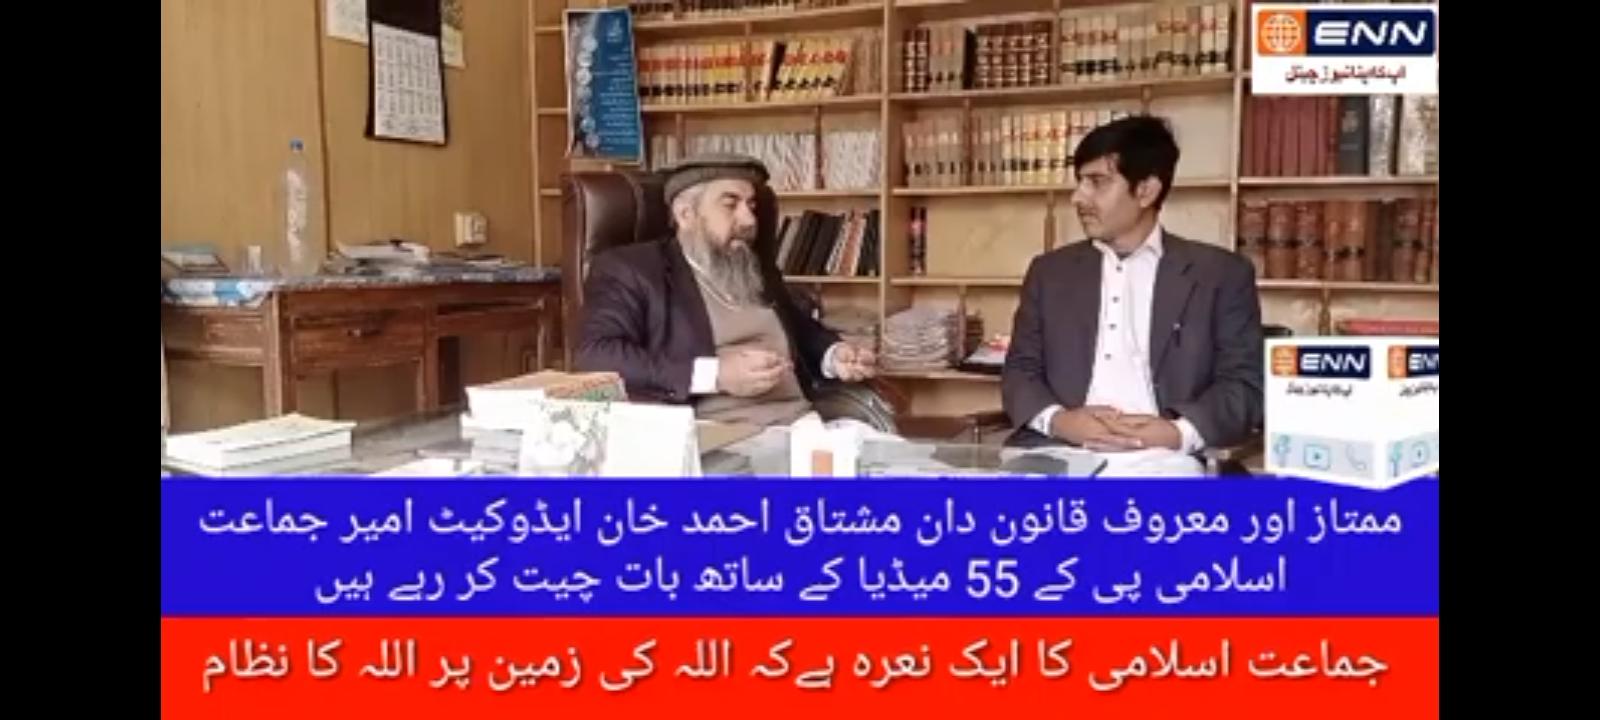 ممتاز اور معروف قانون دان مشتاق احمد خان ایڈوکیٹ  امیر جماعت اسلامی پی کے 55 میڈیا کے ساتھ بات چیت کر رہے ہیں